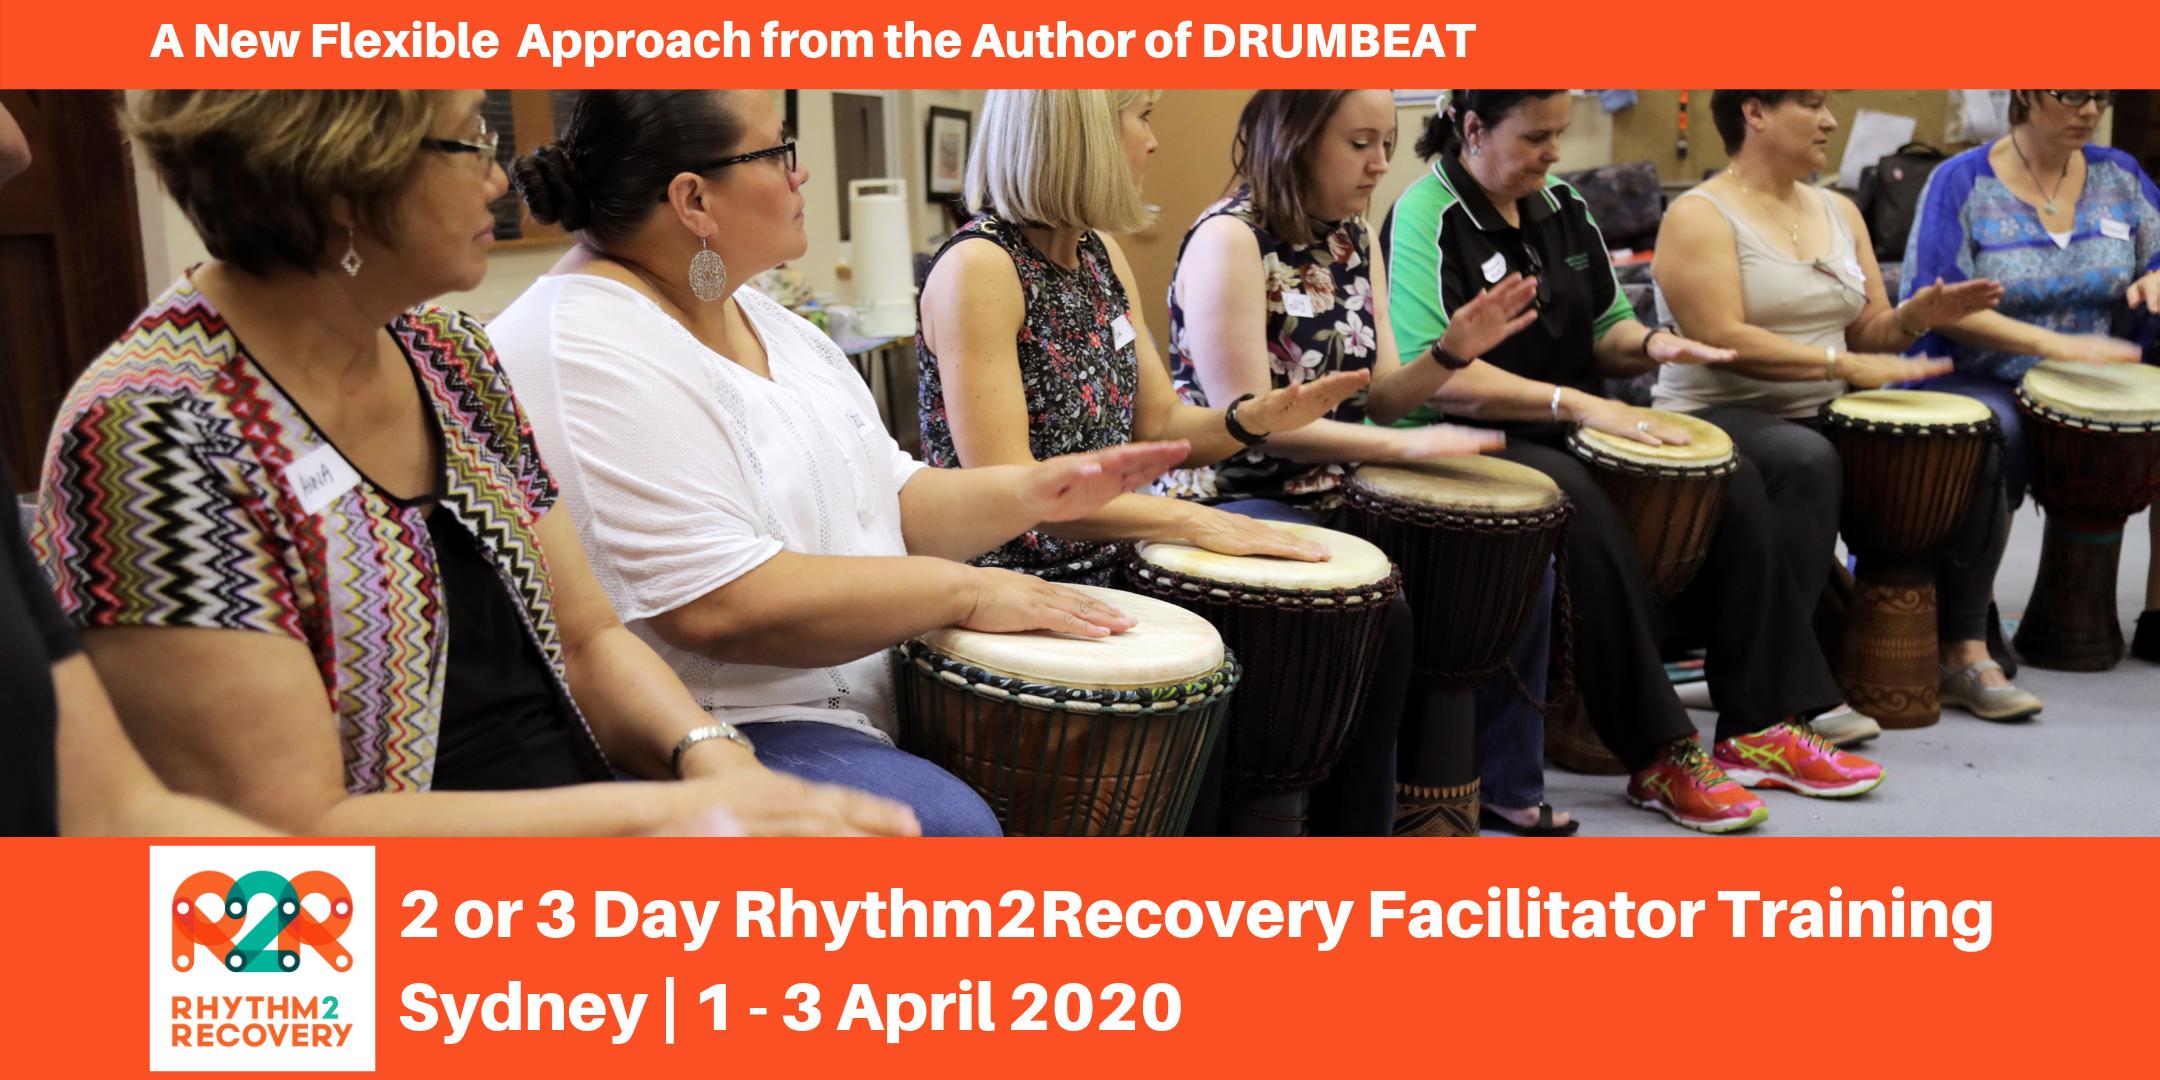 Rhythm2Recovery Facilitator Training | Sydney | 1 - 3 April 2020